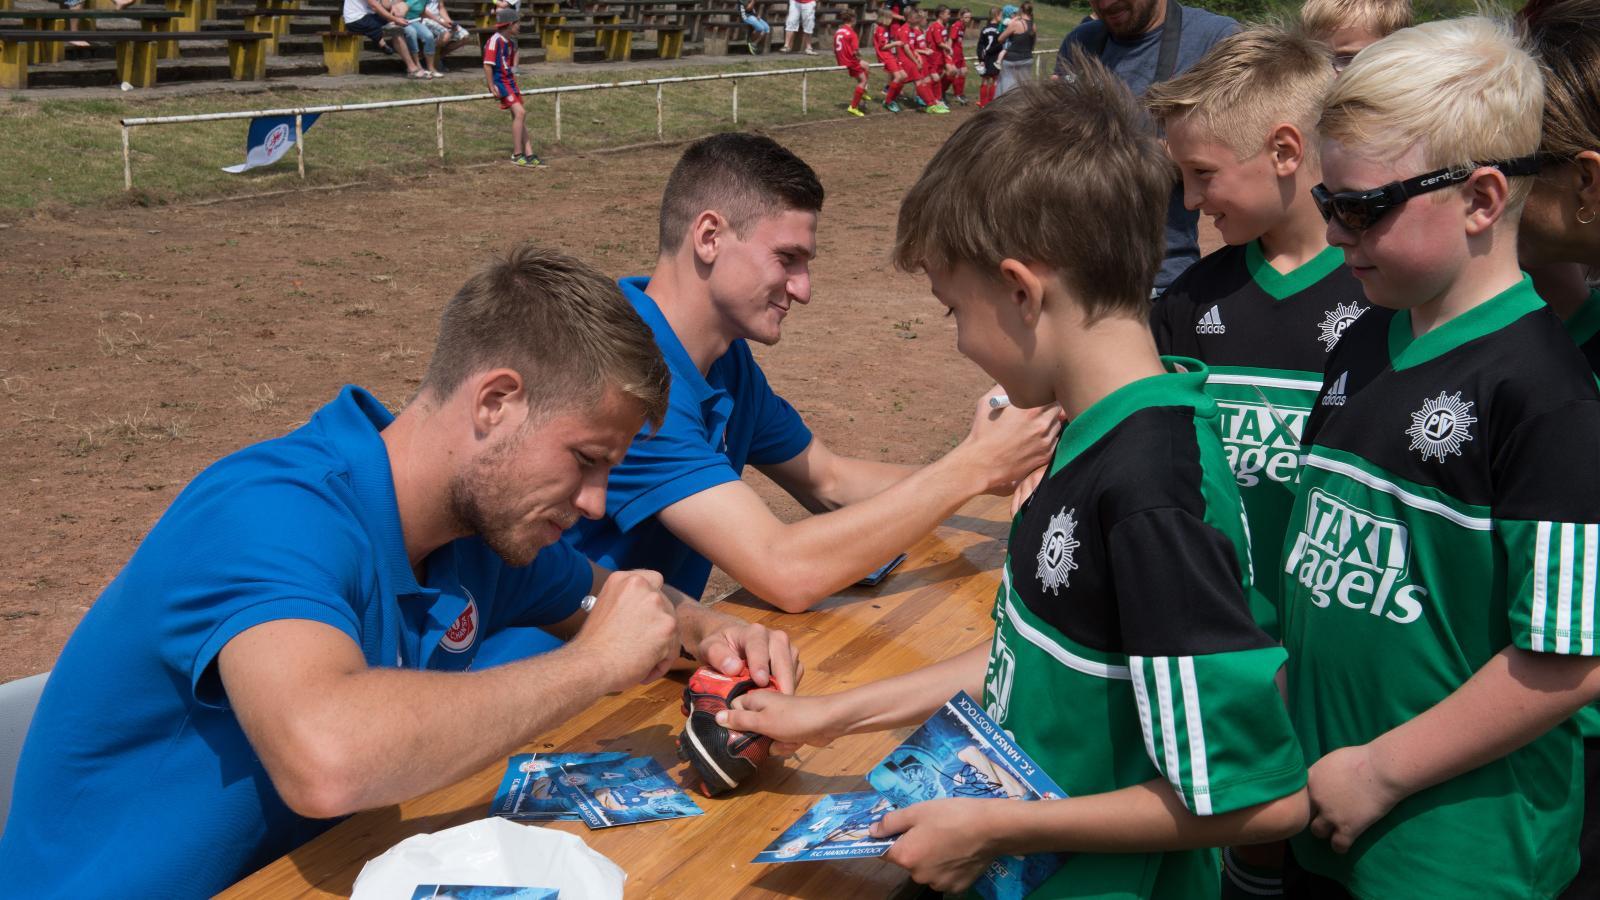 Florian Esdorf und Tommy Grupe (F.C. Hansa) verteilen fleißig Autogramme. Foto: Margit Wild